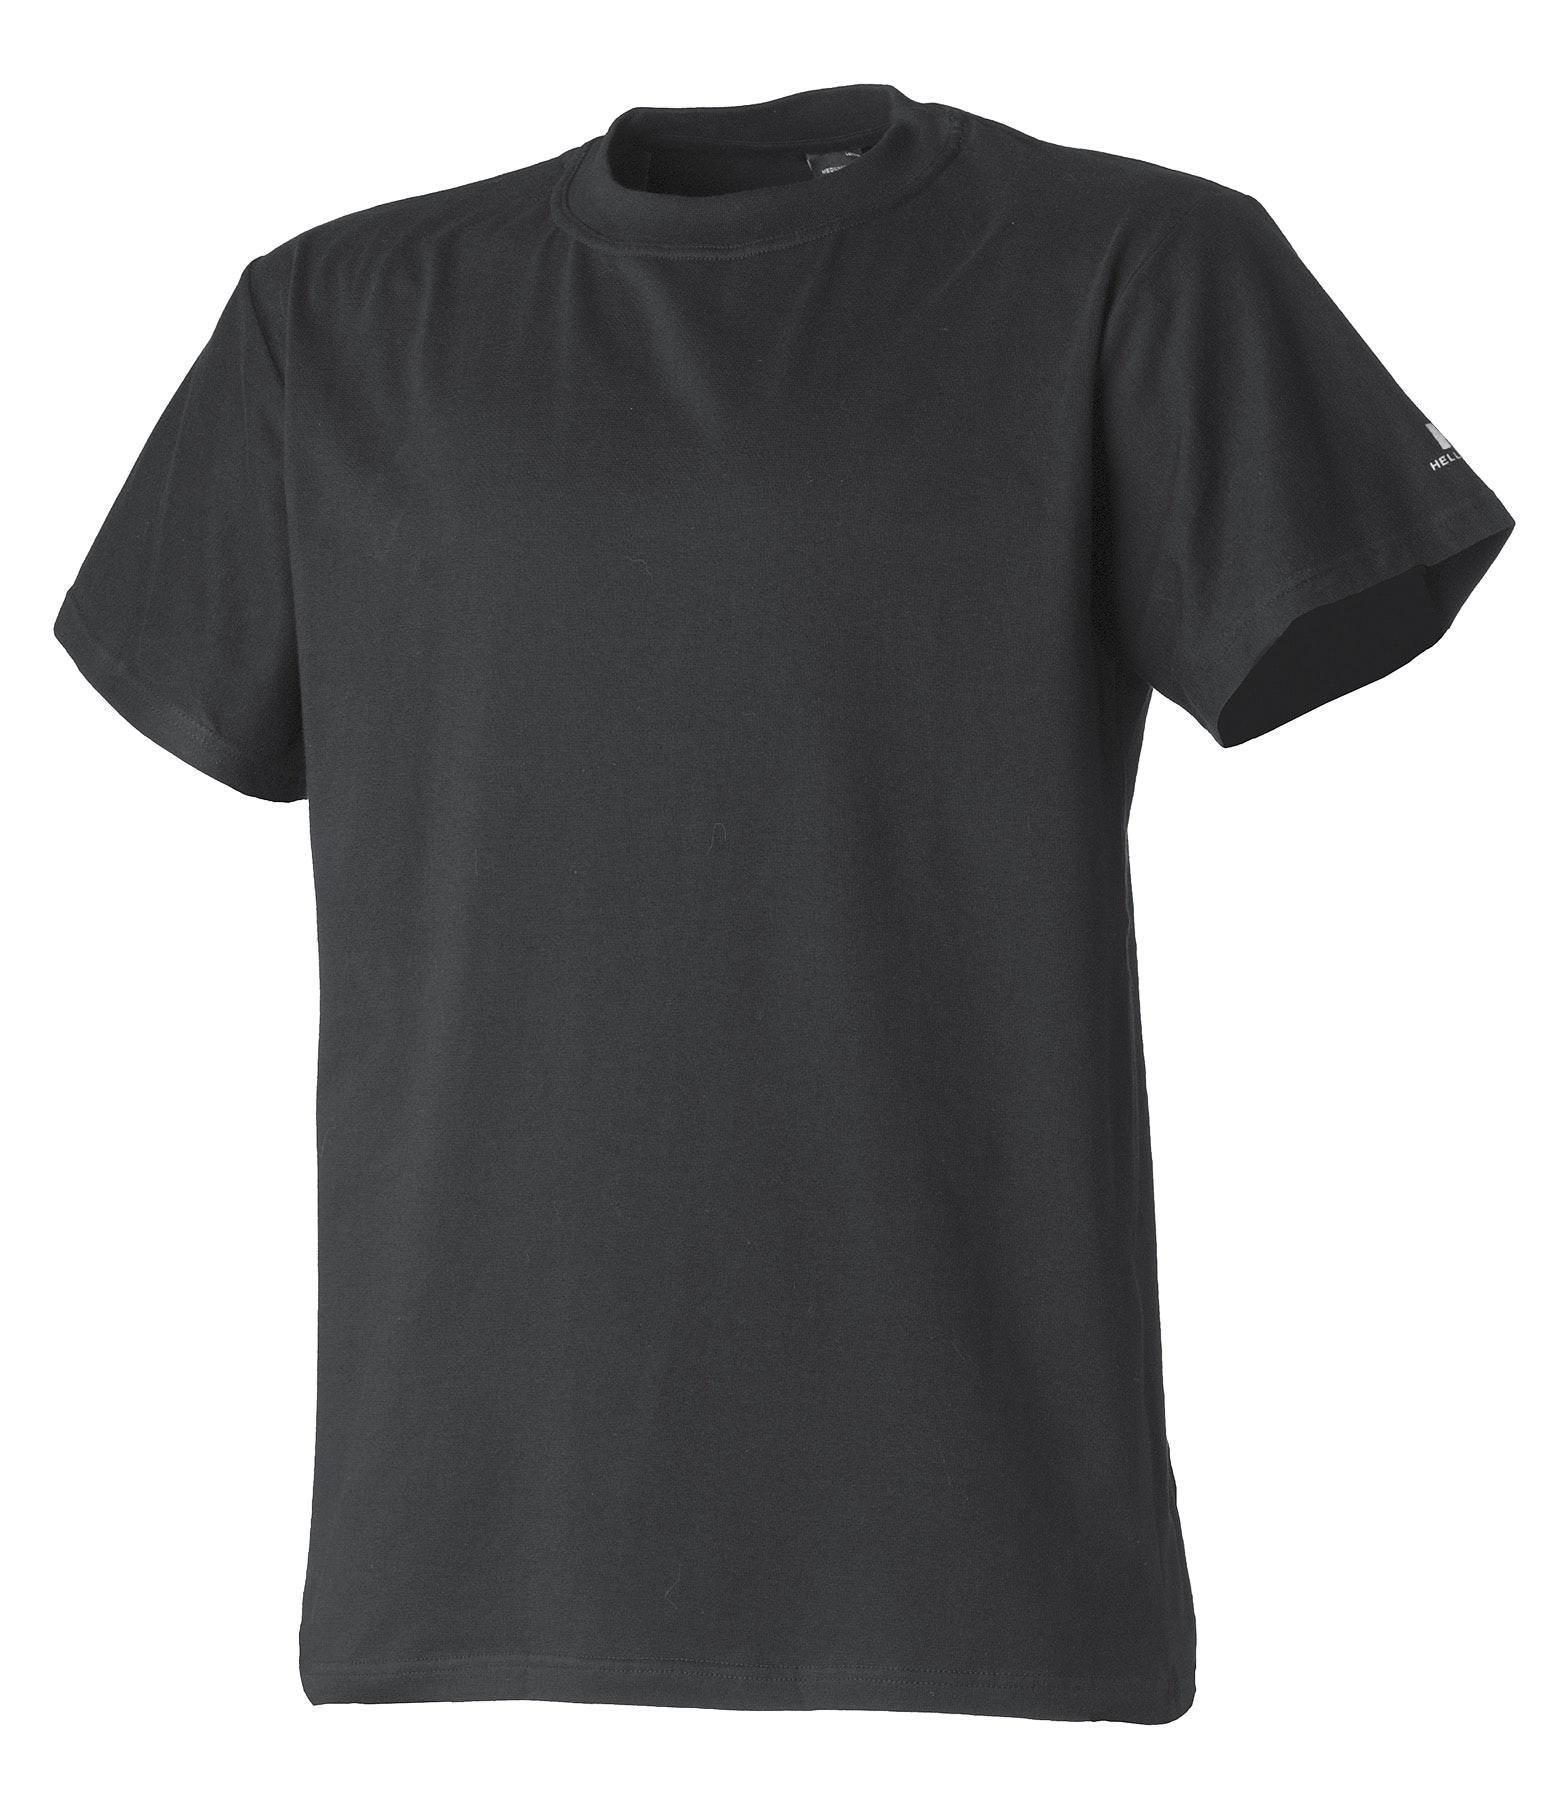 T-Shirt Helly Hansen Svart Xl Manchester